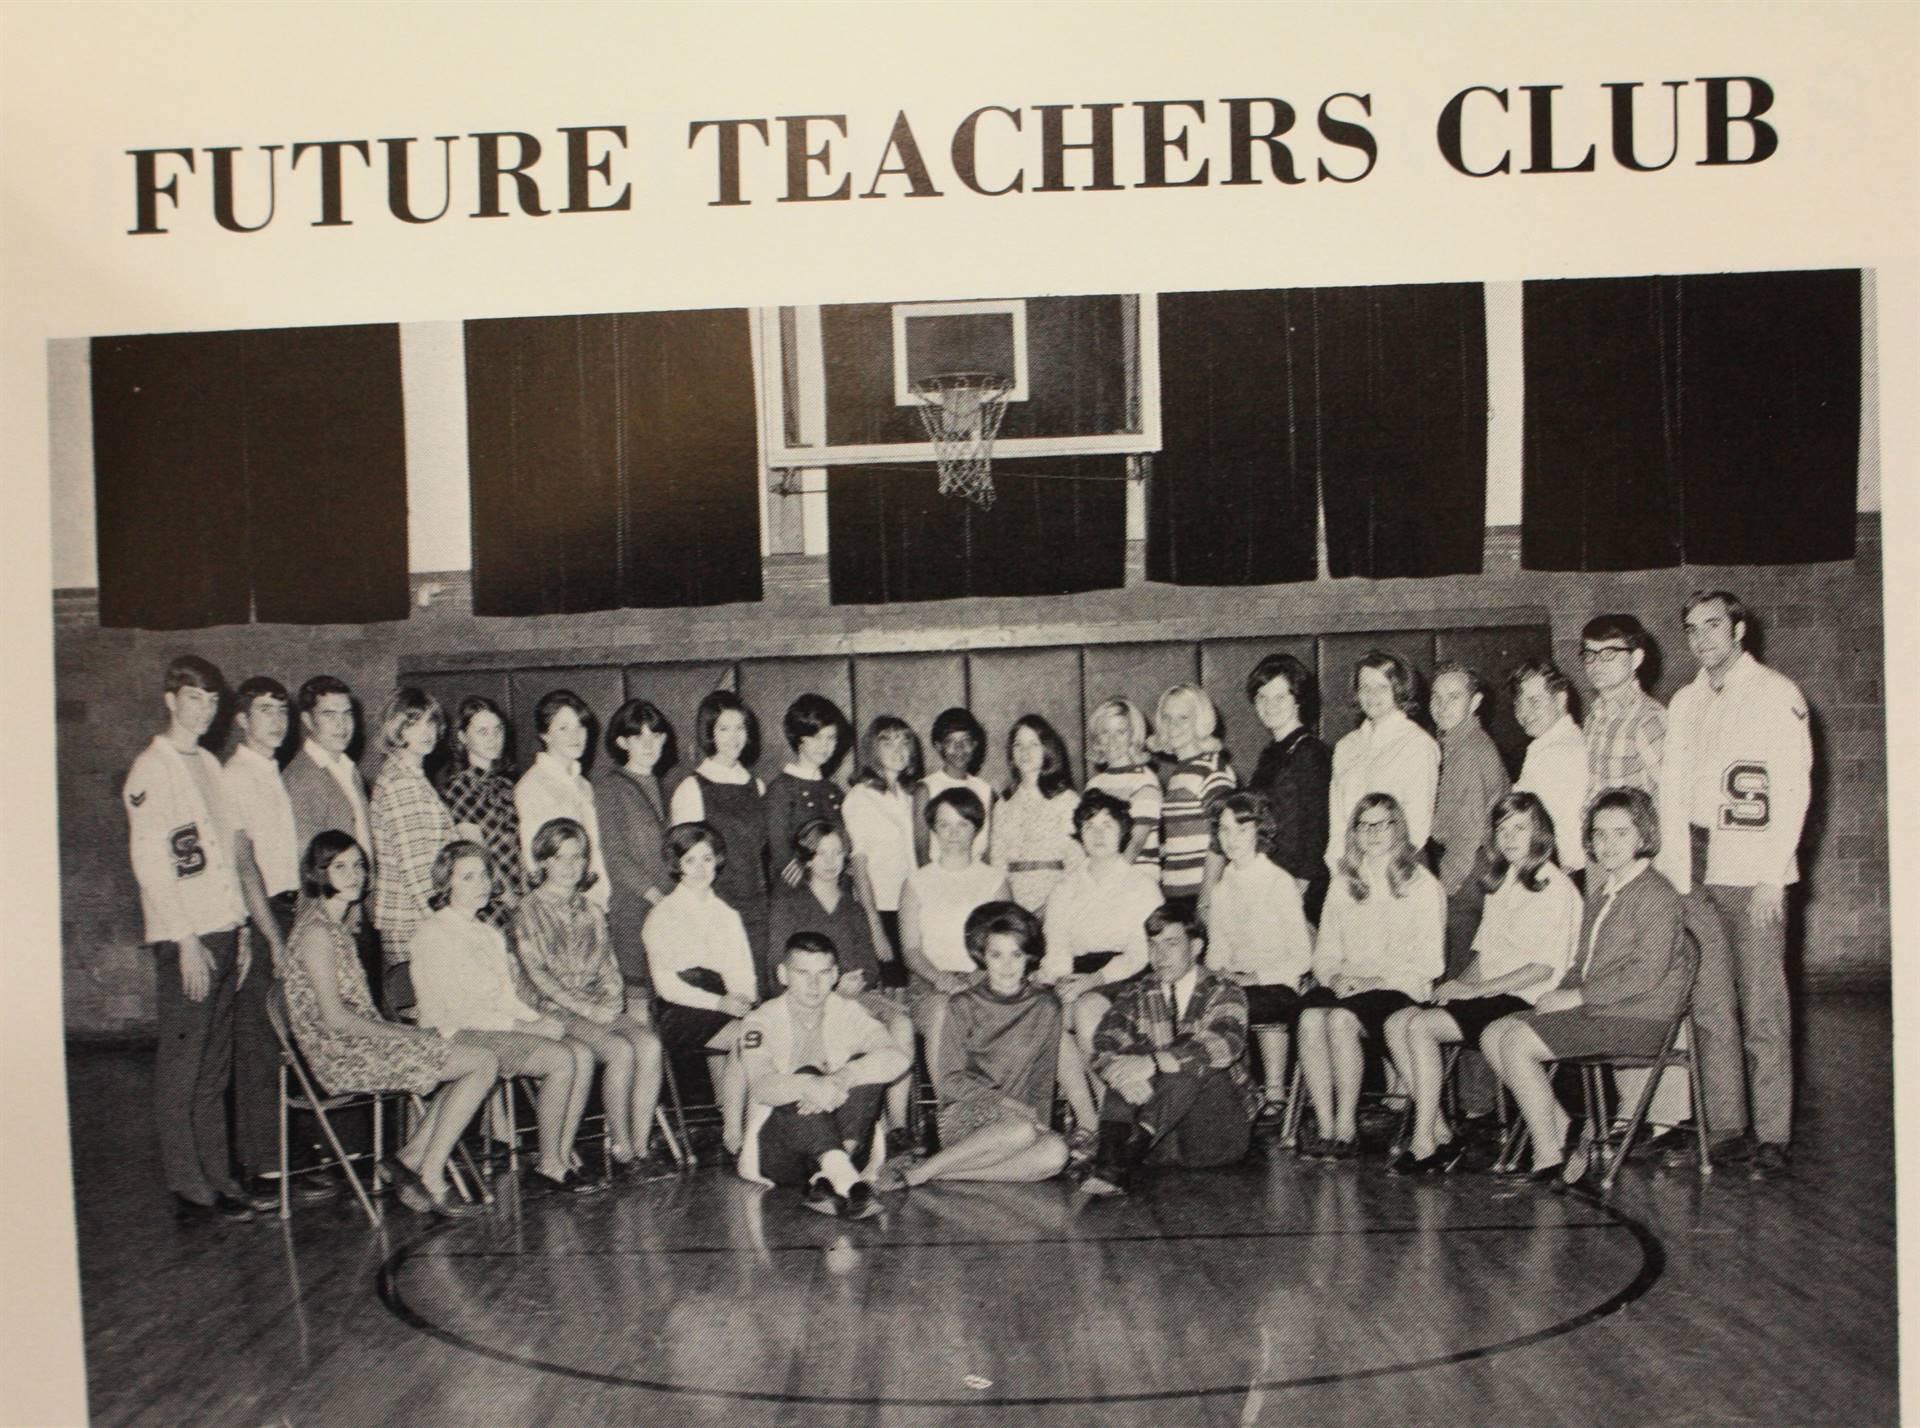 1969 FTC